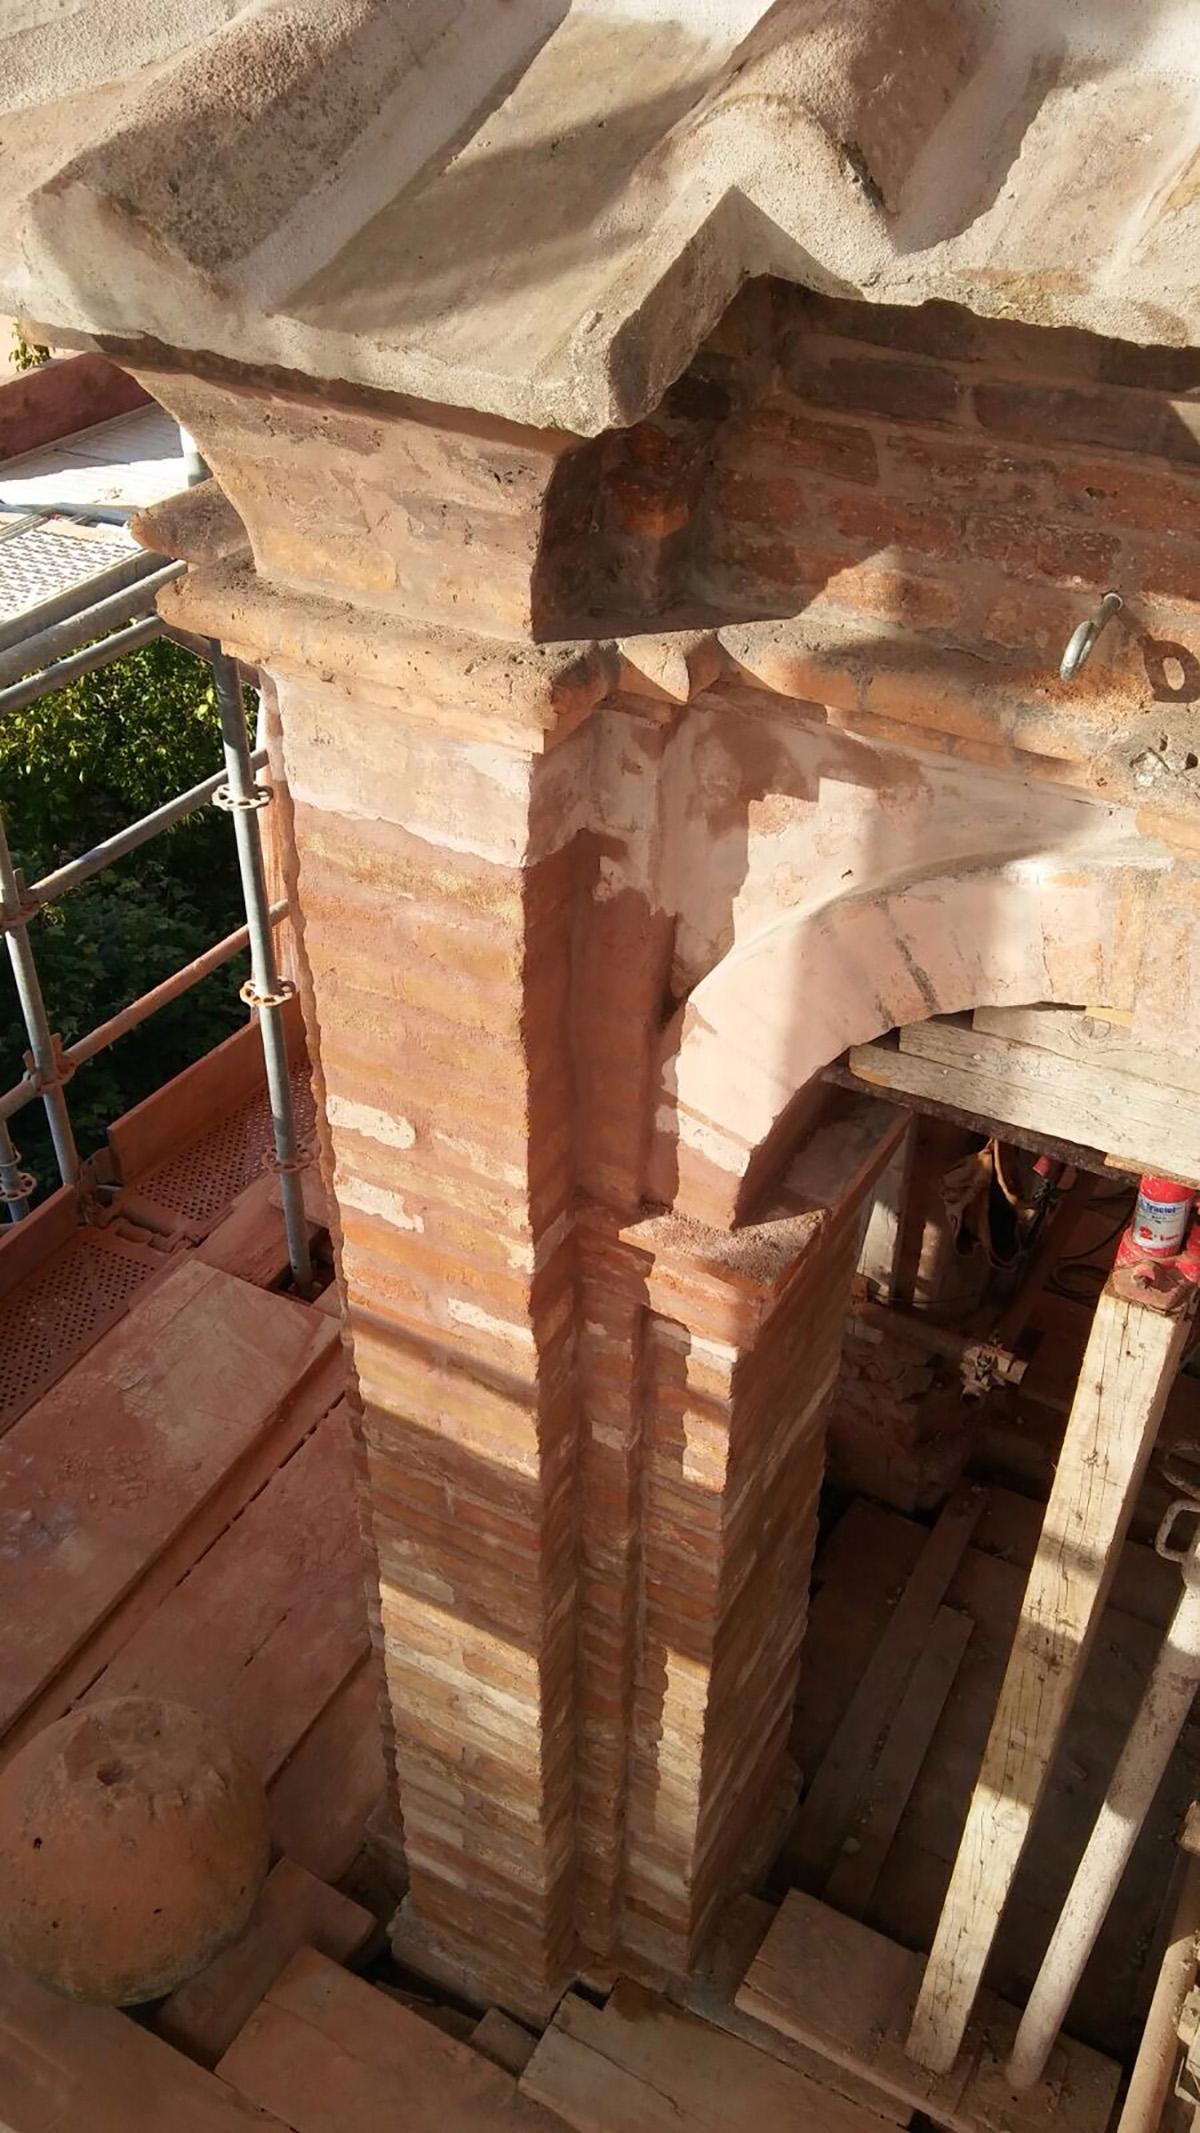 Perico-Renato-Ferrara - Palazzo della Procura - Adeguamento sismico 18